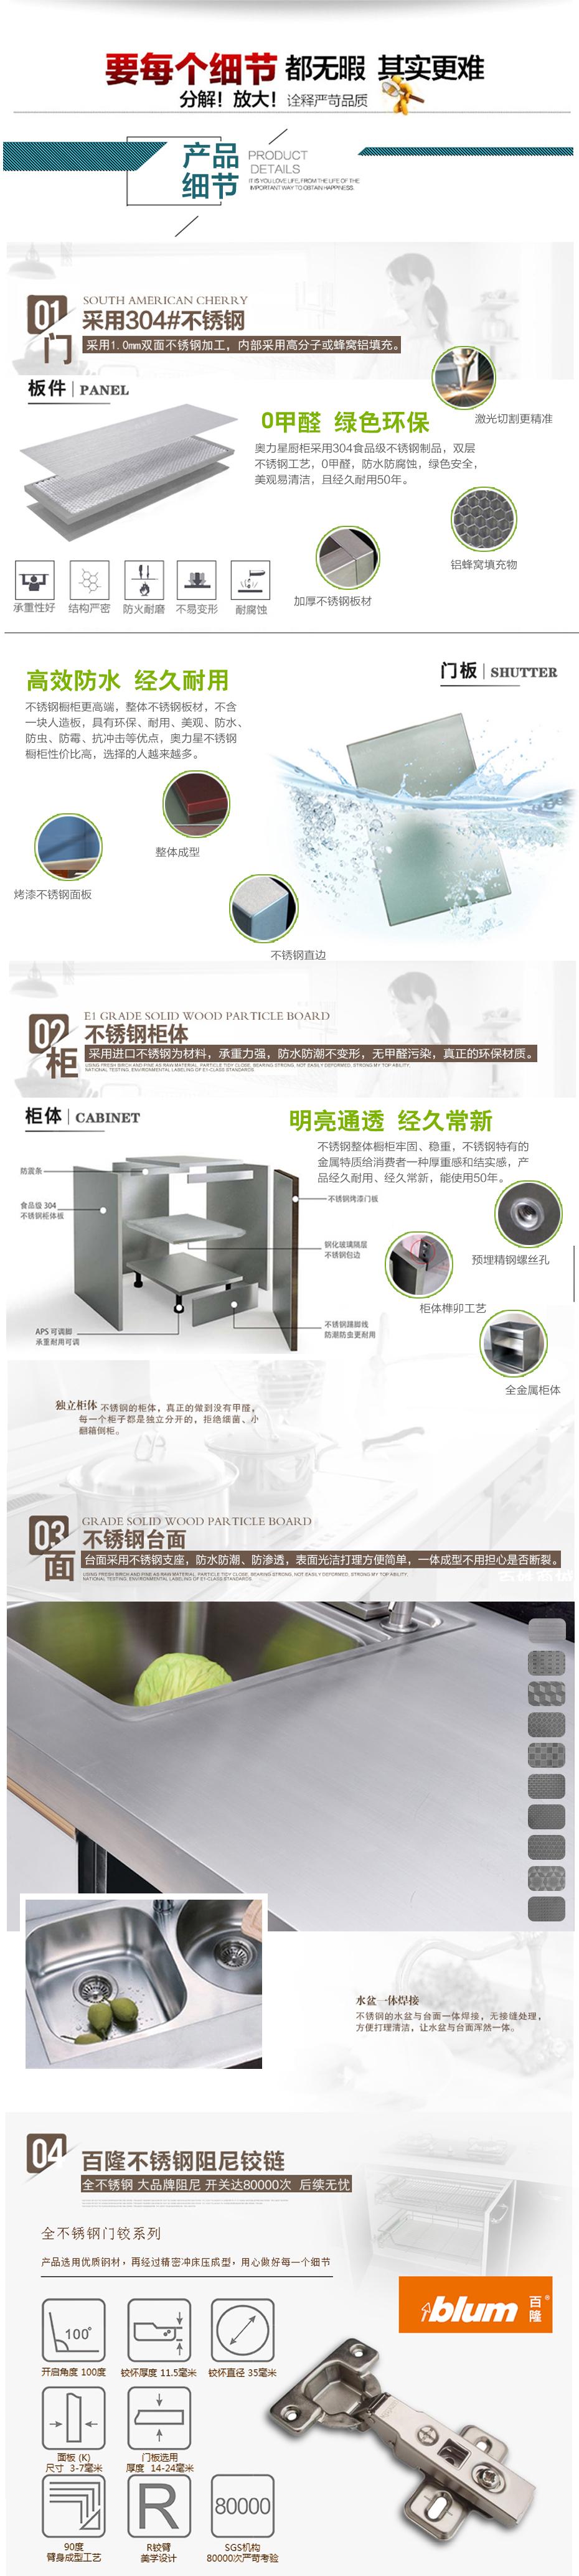 不锈钢 橱柜的产品细节